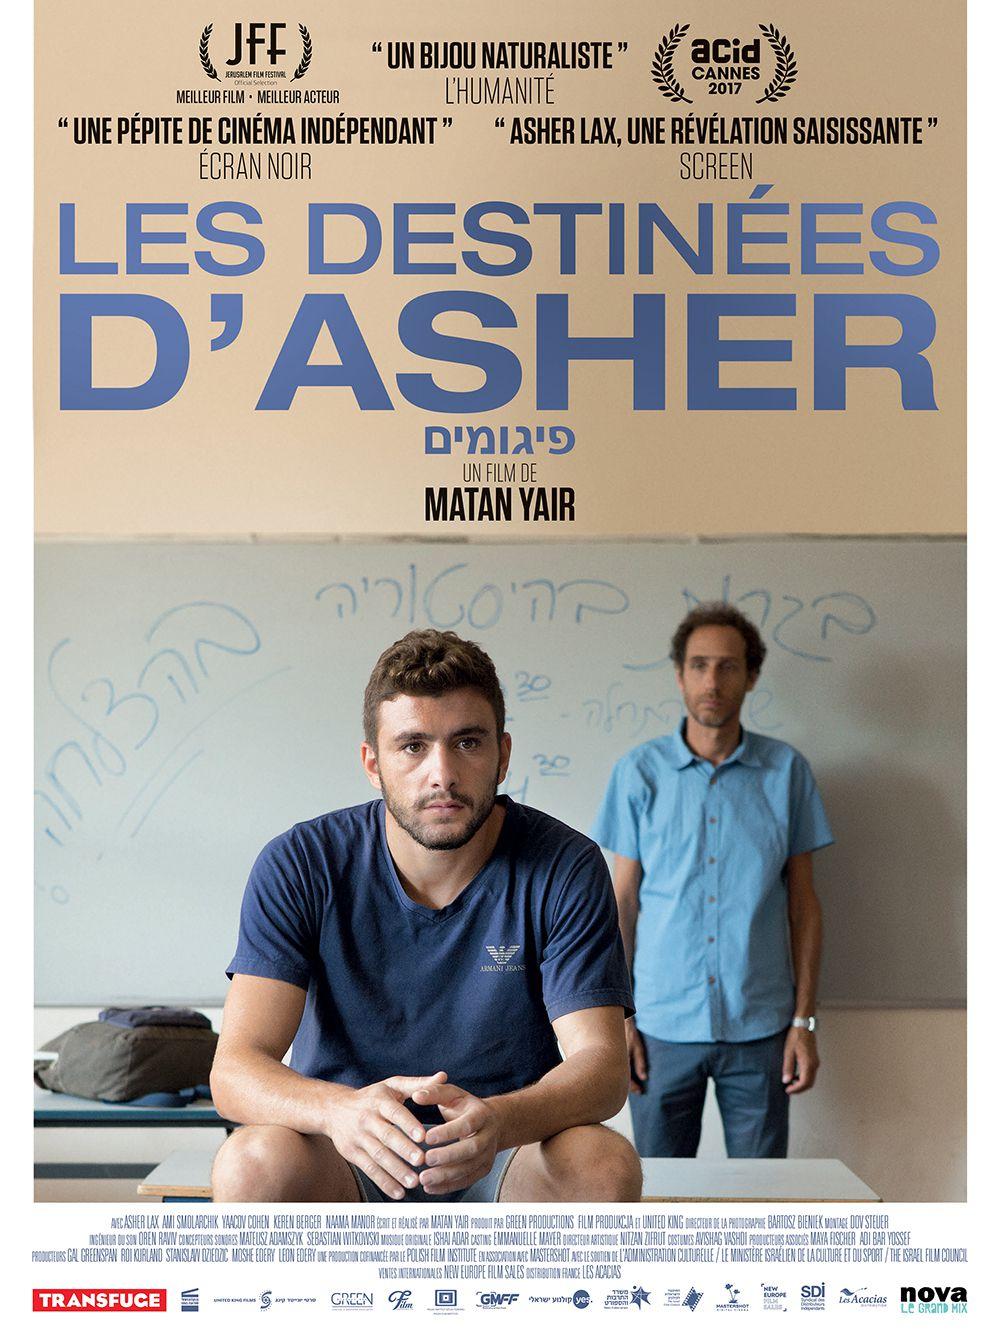 Les destinées d'Asher - Film (2018)